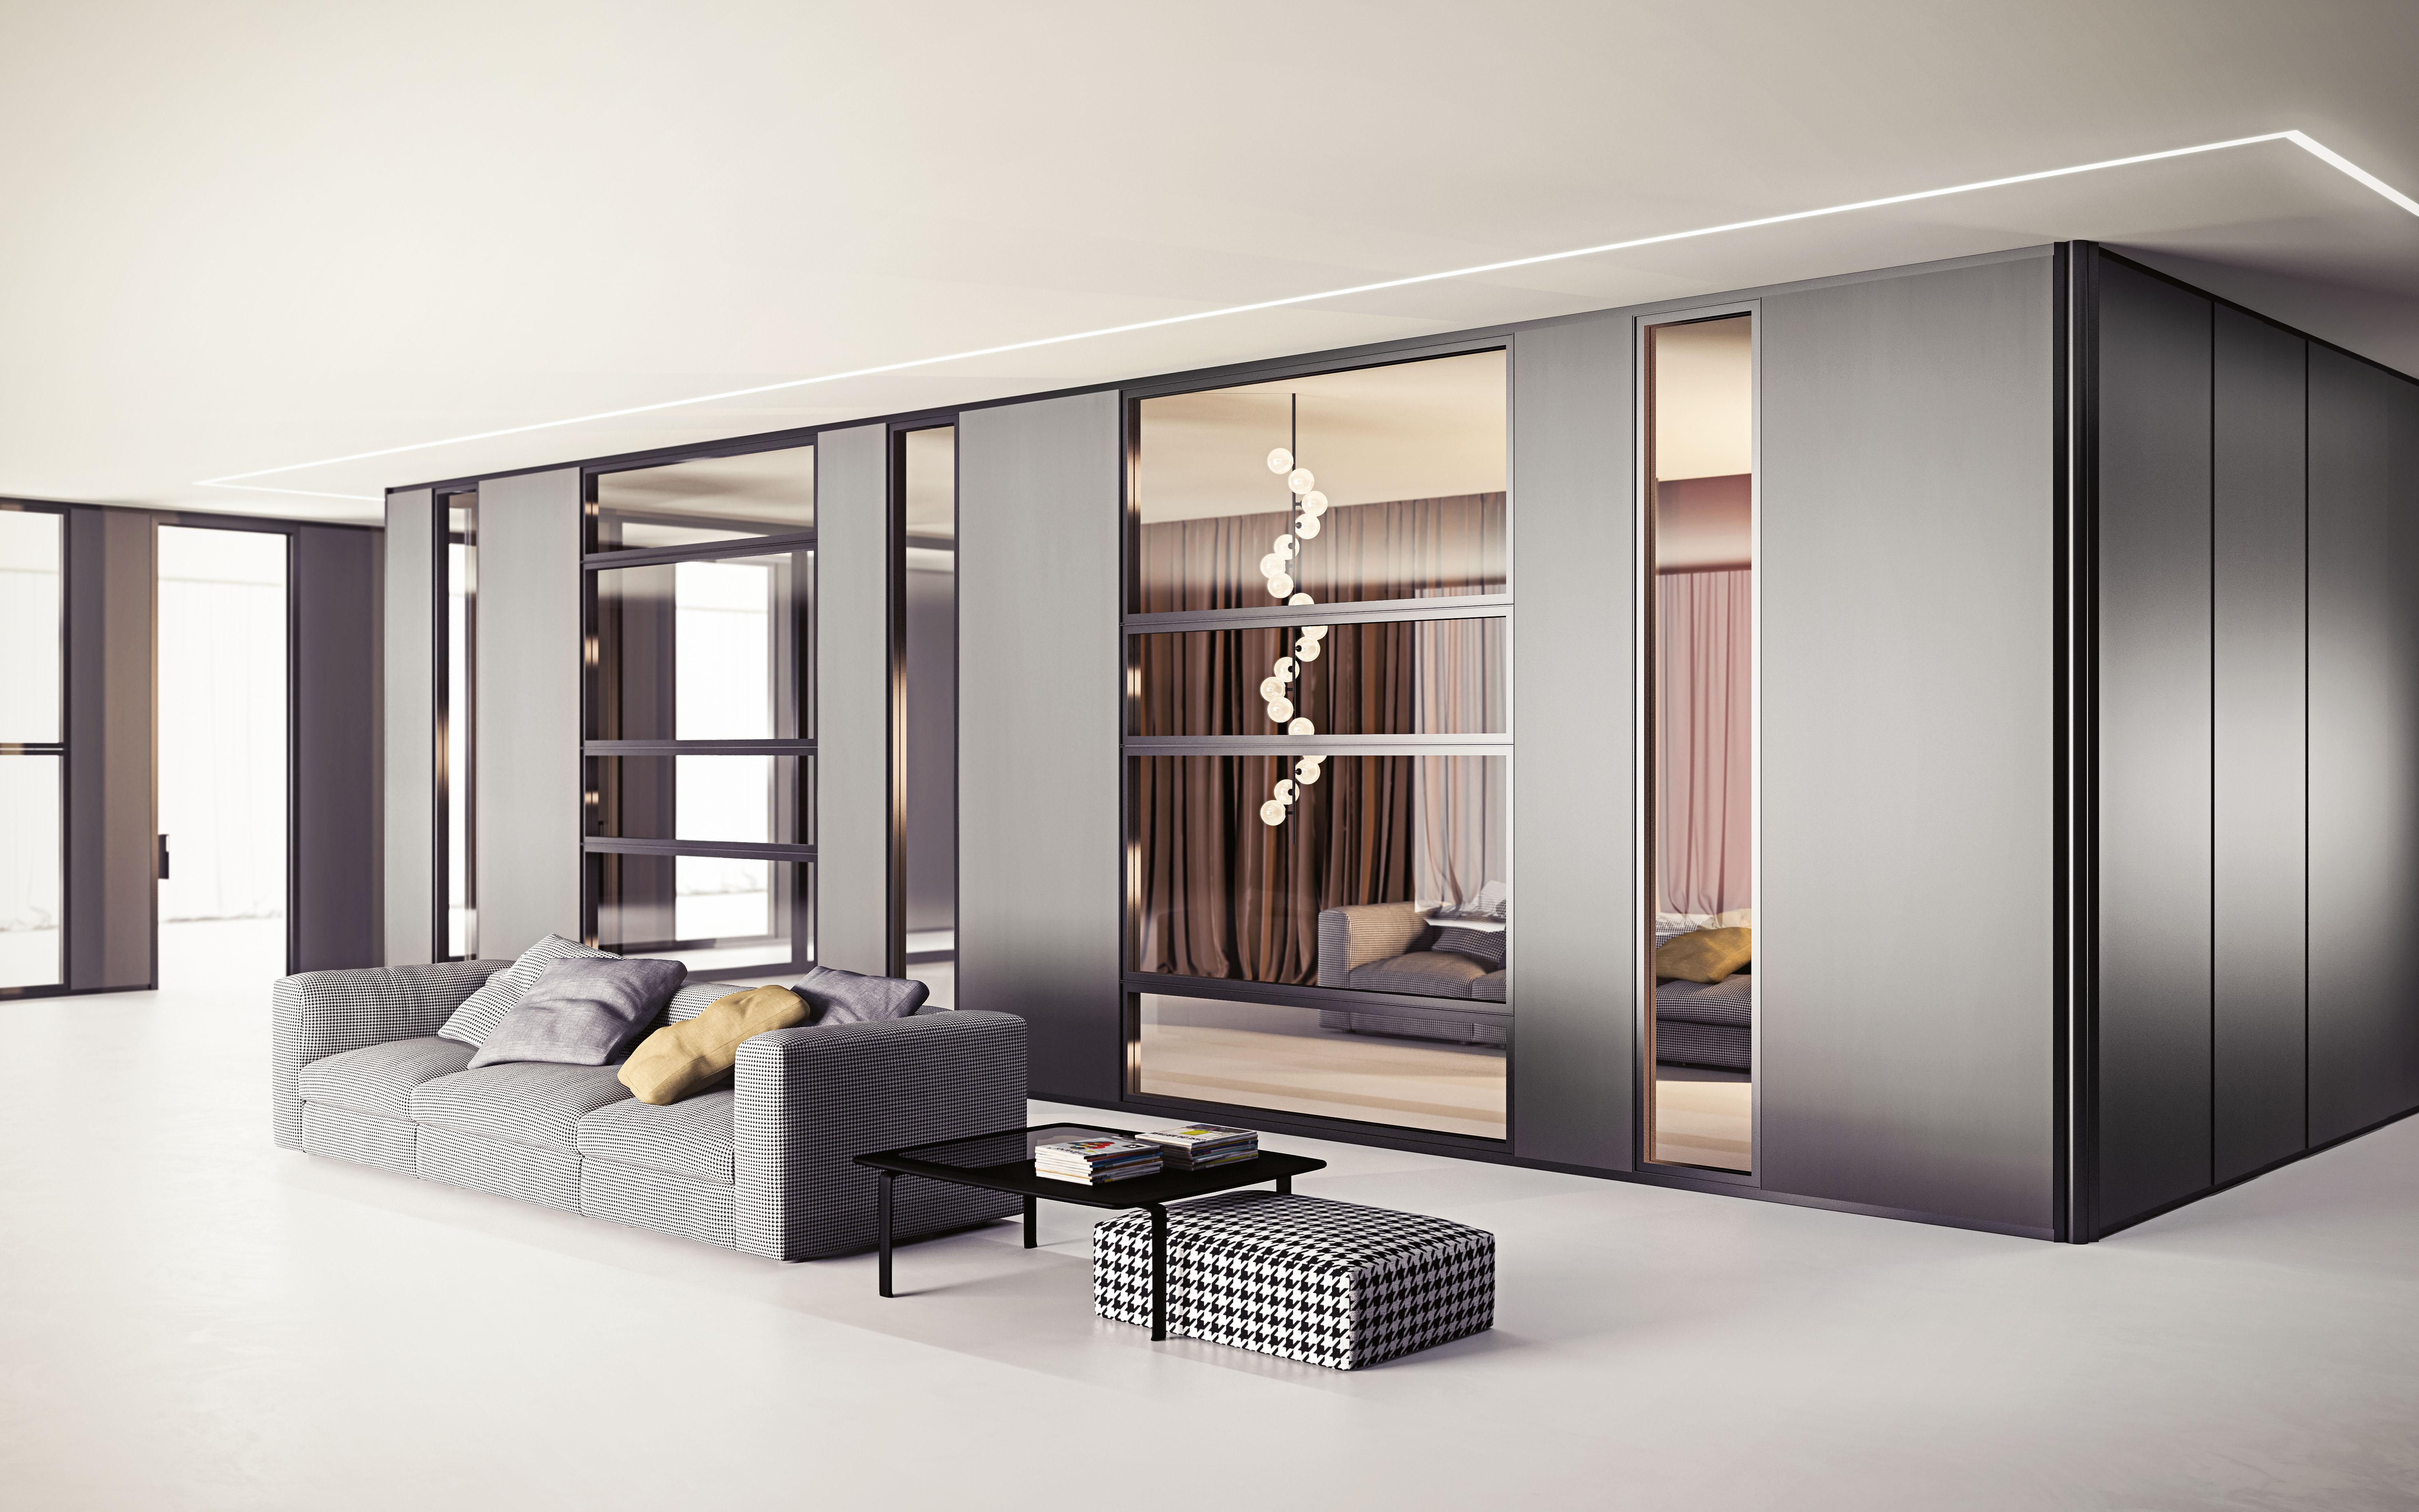 Pareti divisorie in vetro legno arredamento per uffici for Arredo in via cavaliere catania